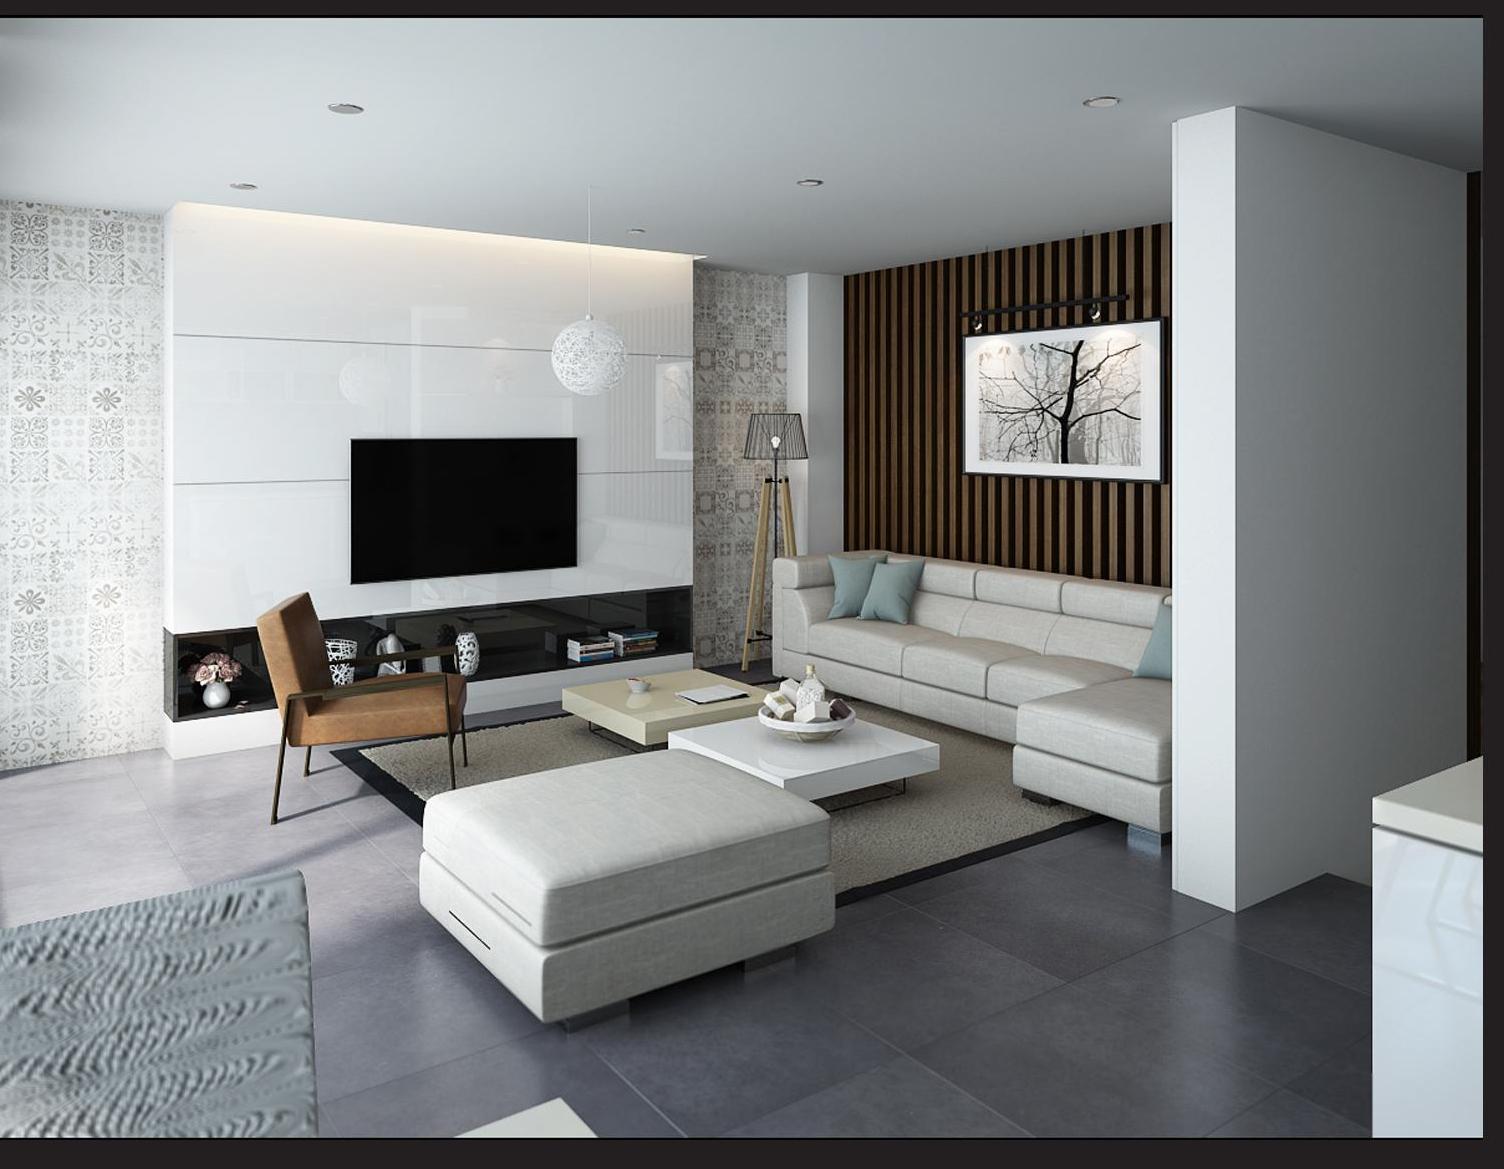 thiết kế nội thất chung cư tại Hồ Chí Minh CĂN HỘ TẠI GEMEK 3 1548663829